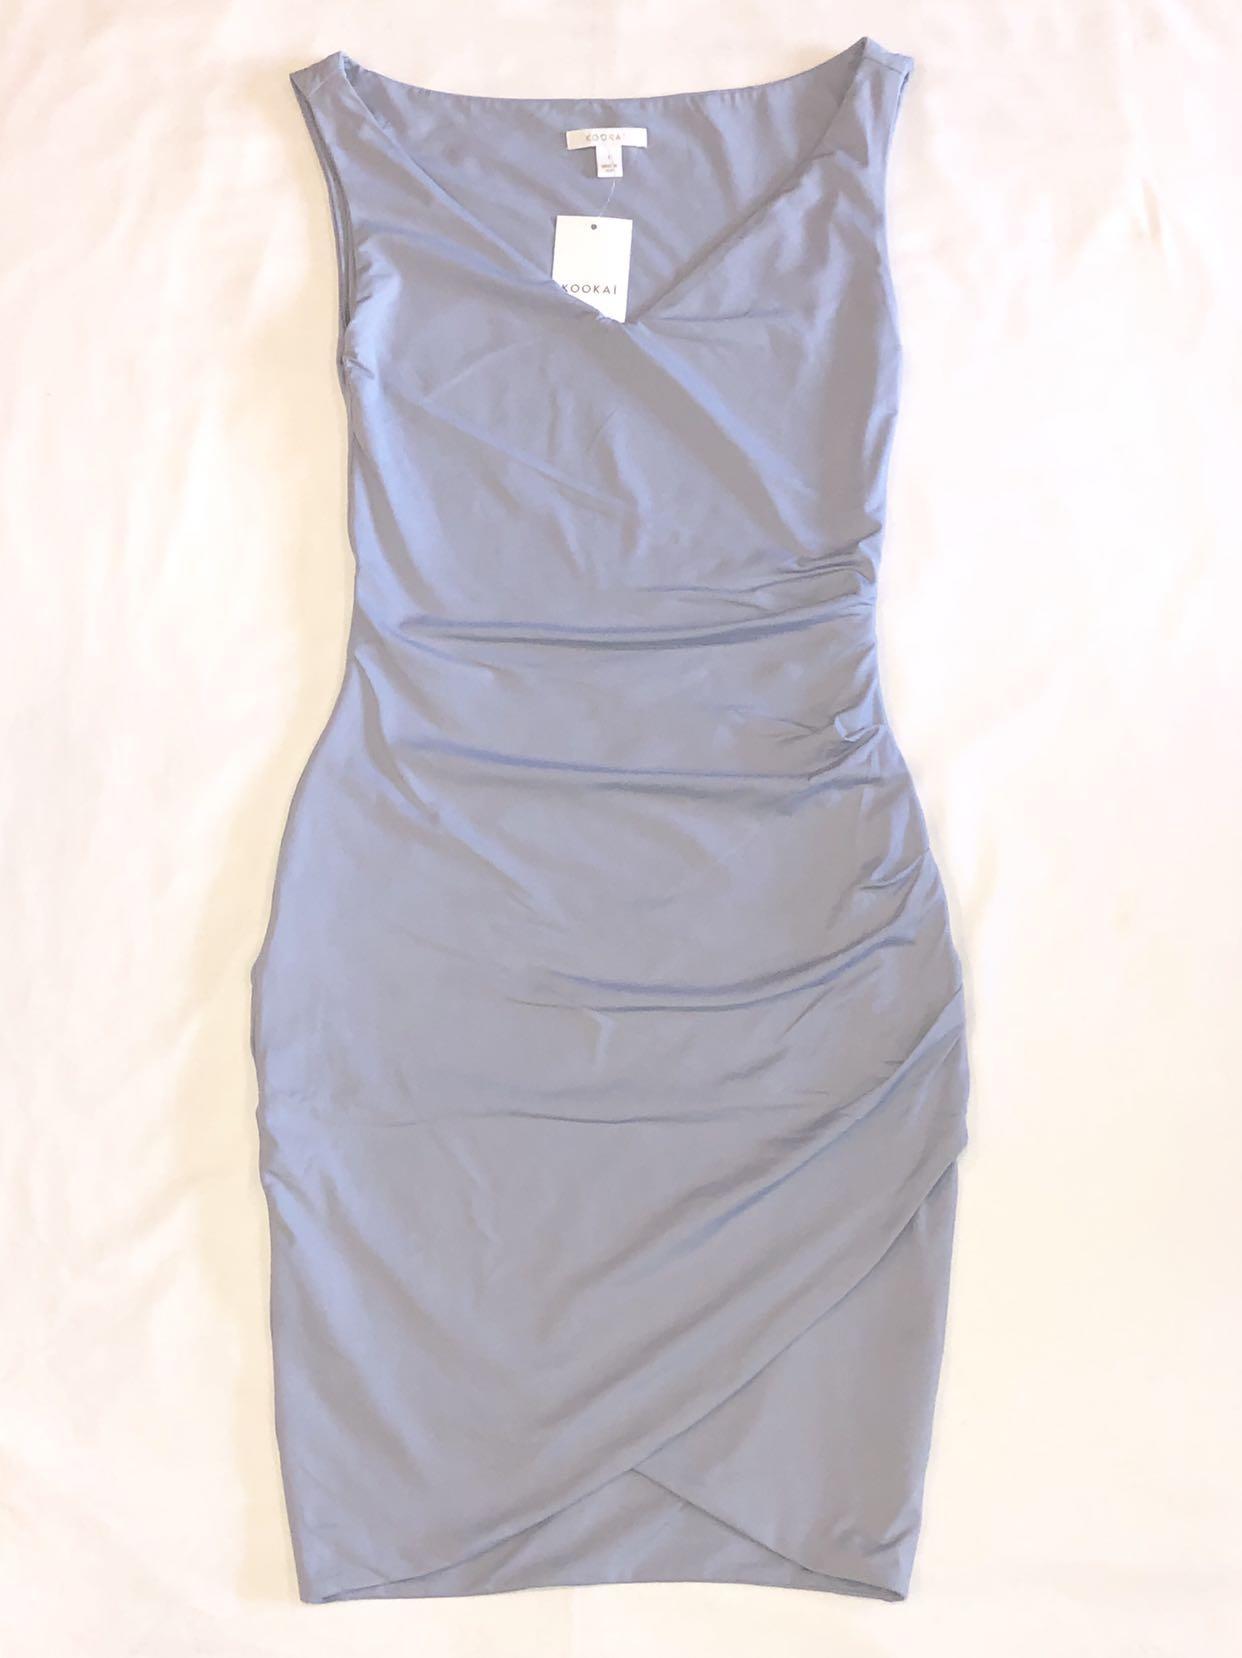 Kookai Aschem Wrap Dress in Moon Grey, Size 1. RRP $120